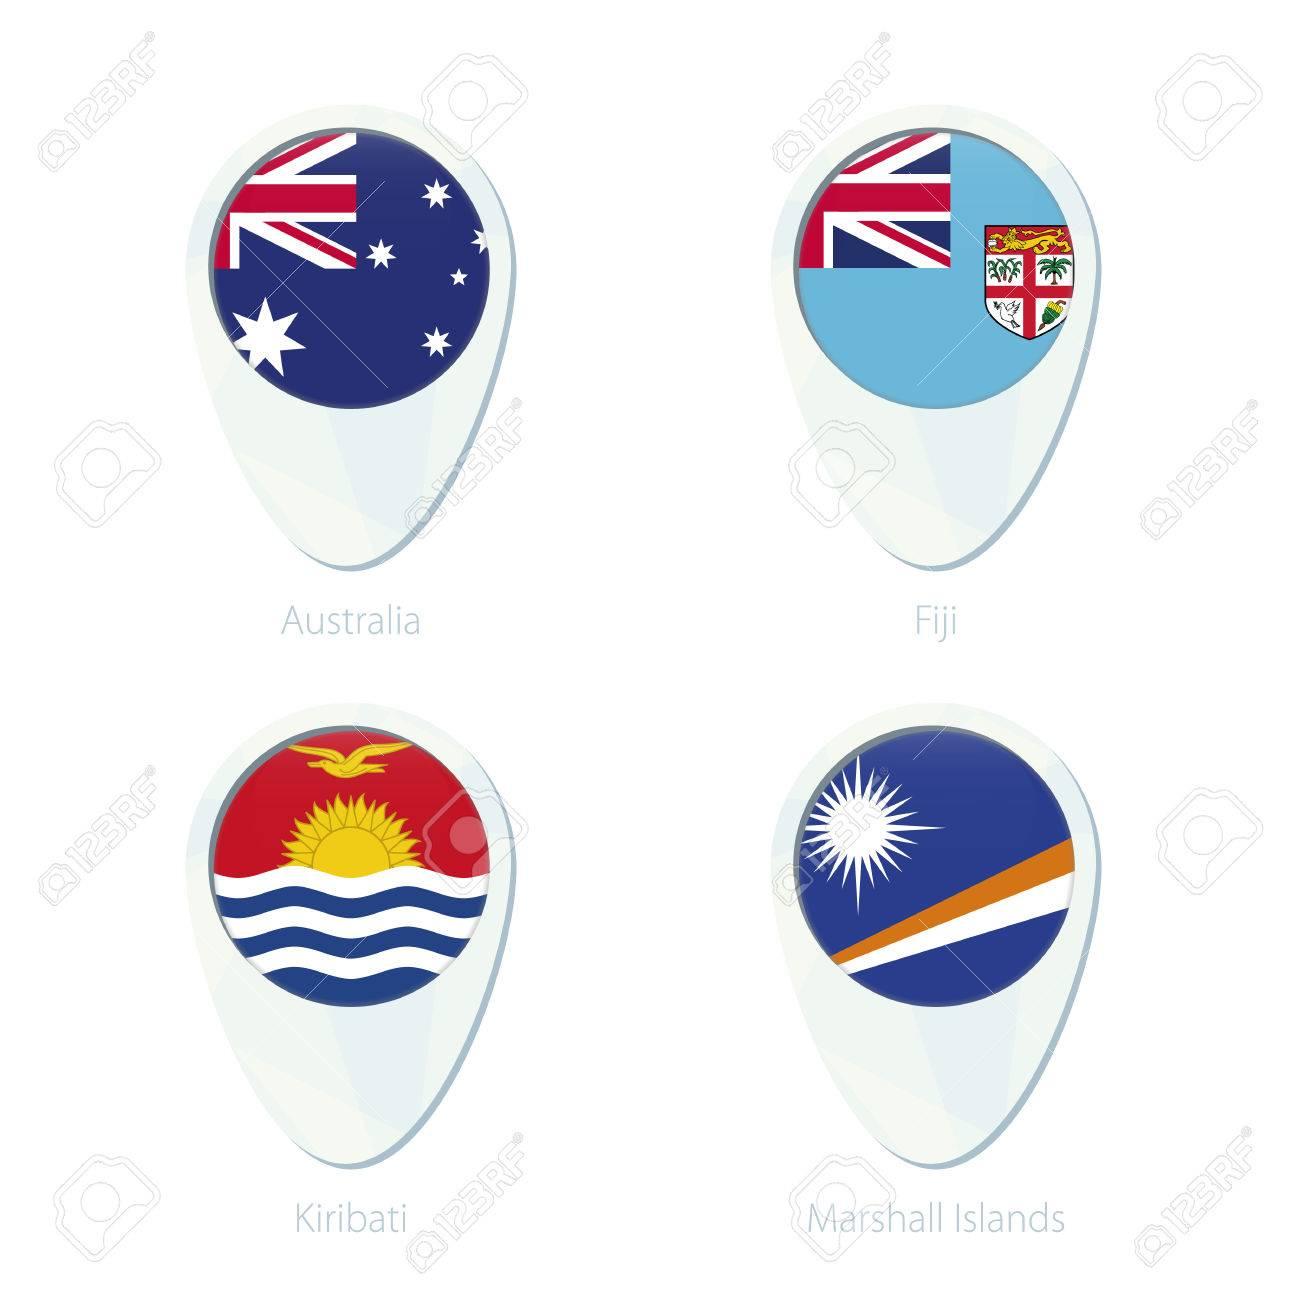 Carte Australie Et Iles Fidji.Australie Fidji Kiribati Iles Marshall Emplacement De Carte De